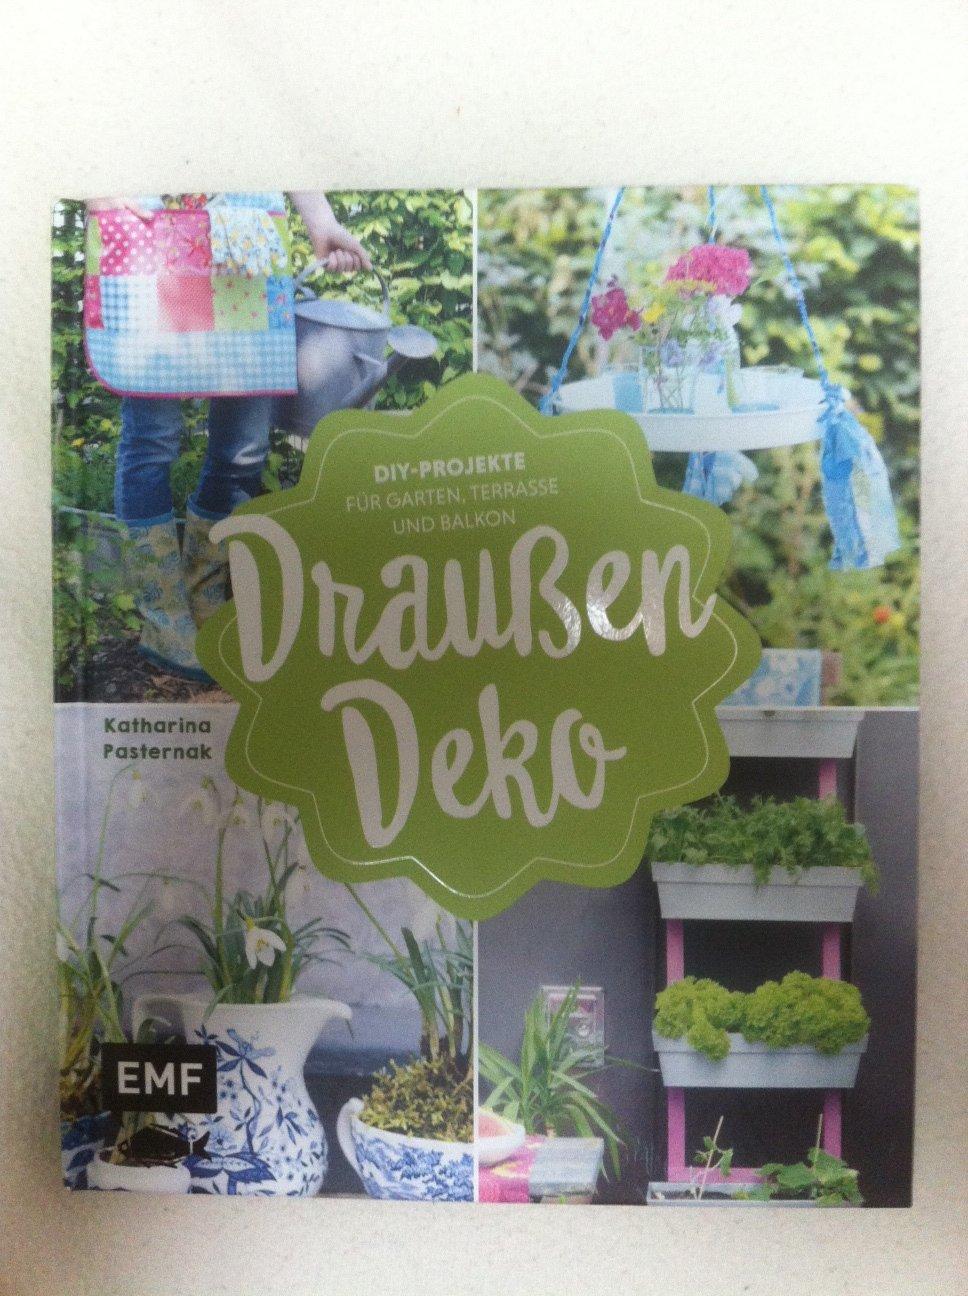 Draußen Deko   DIY Projekte für Garten, Terrasse und Balkon